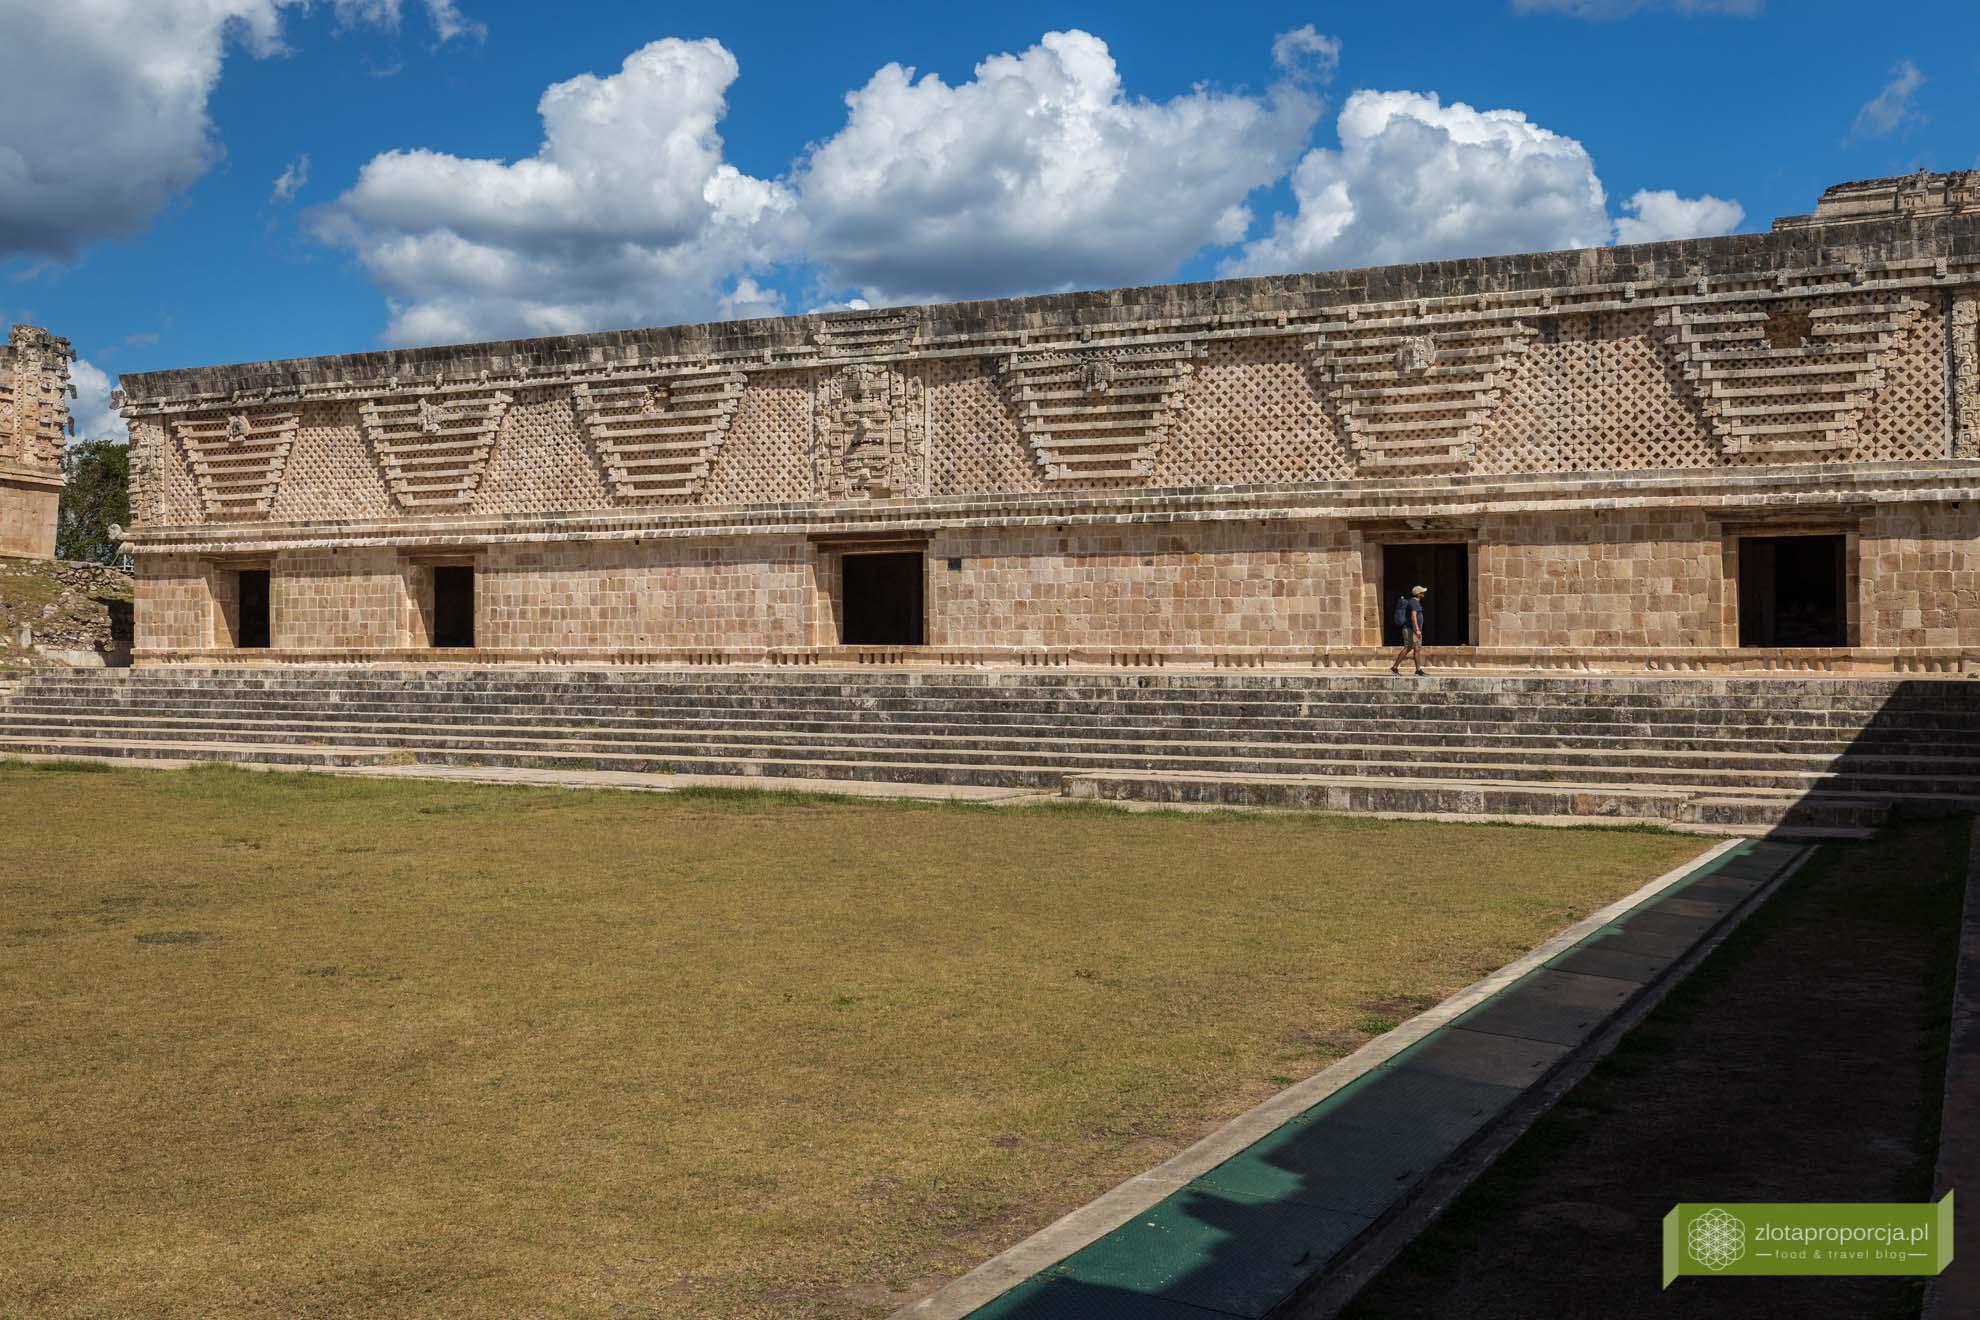 Uxmal; strefa archeologiczna Uxmal; Miasto Majów Uxmal; Uxmal zwiedzanie; Jukatan; Meksyk; Miasto Majów; Puuc; Ruta Puuc;